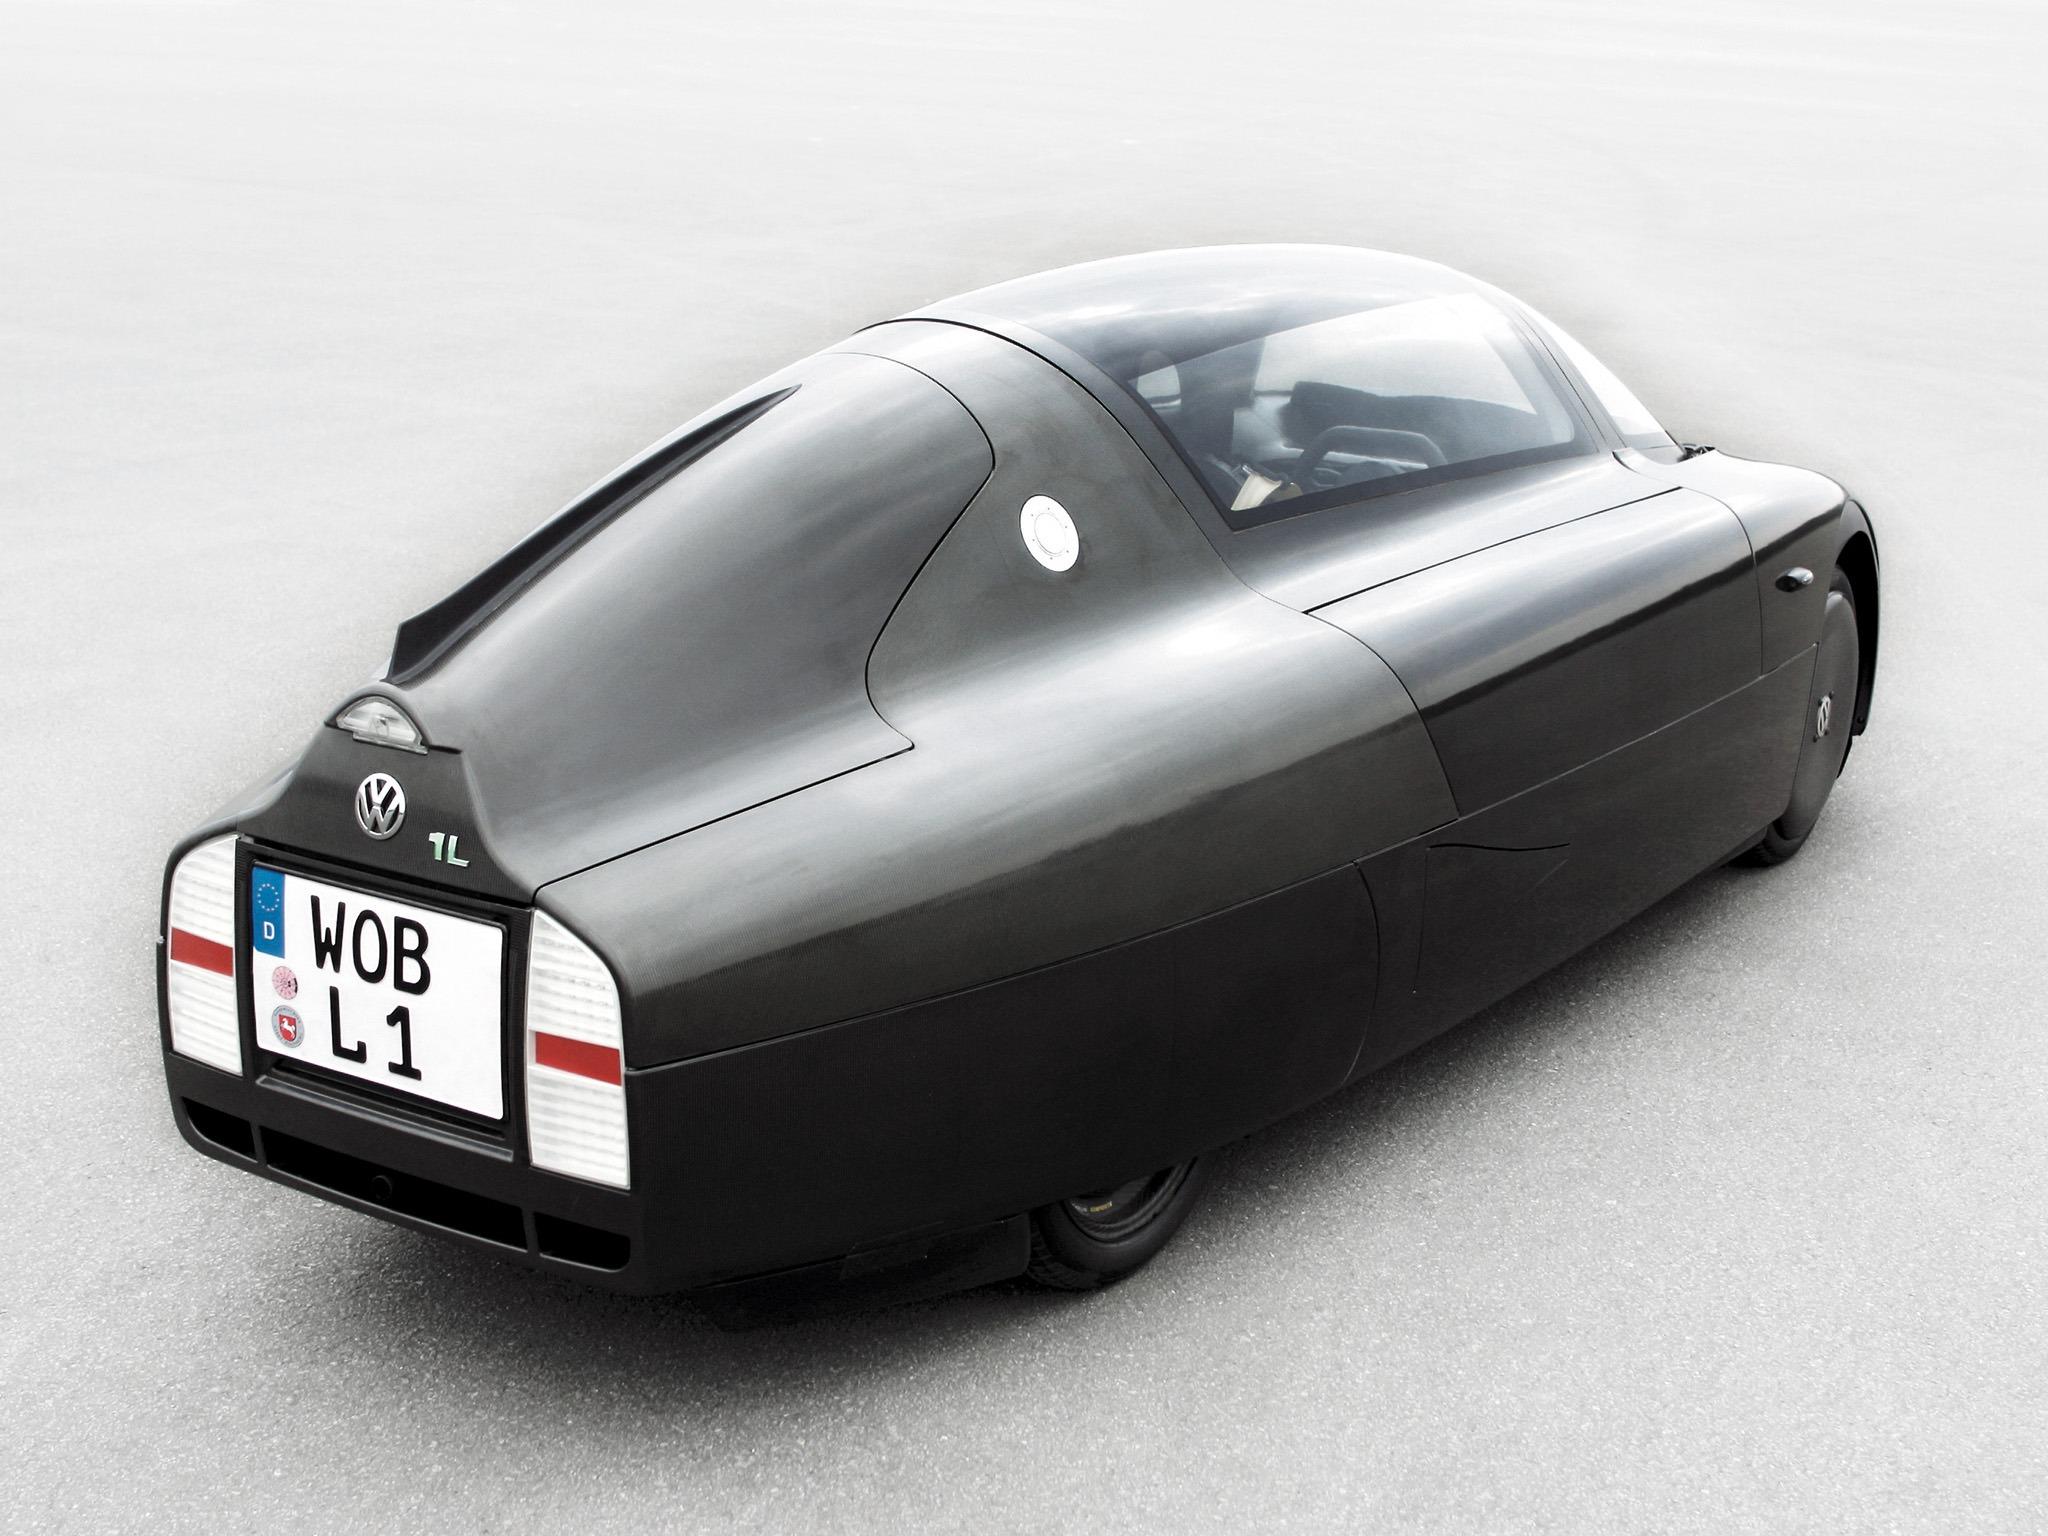 volkswagen 1 liter car concept 2003 old concept cars. Black Bedroom Furniture Sets. Home Design Ideas